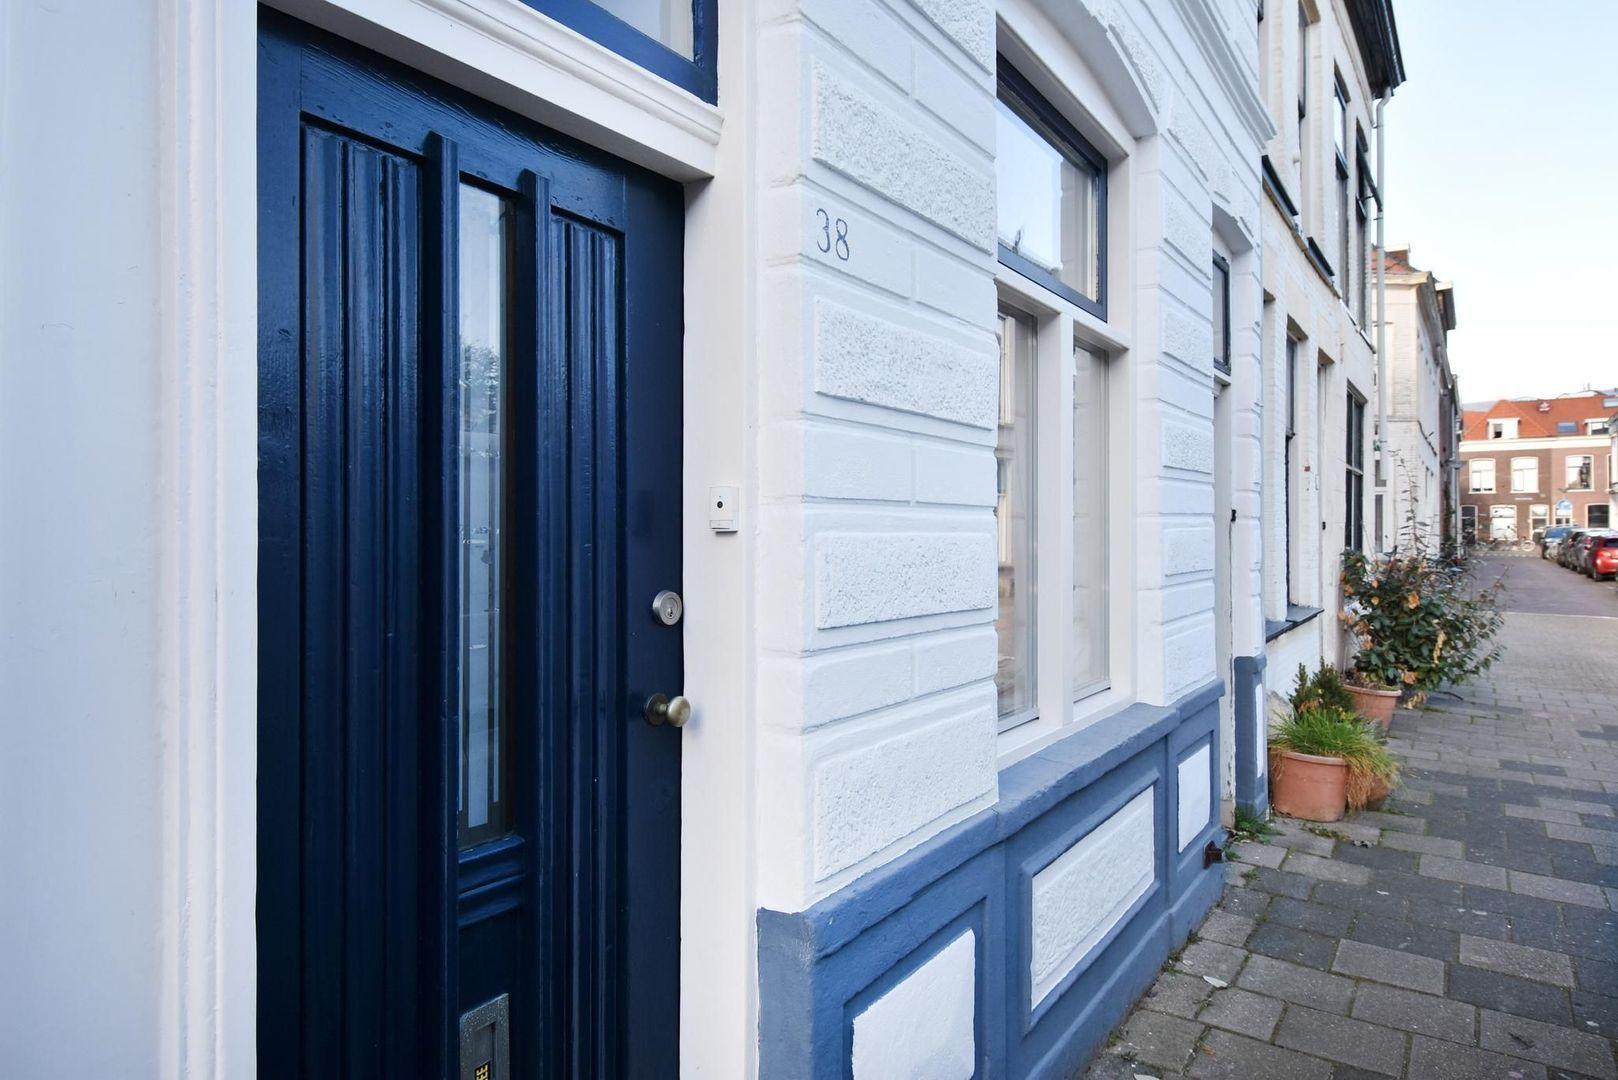 Pootstraat 38, Delft foto-25